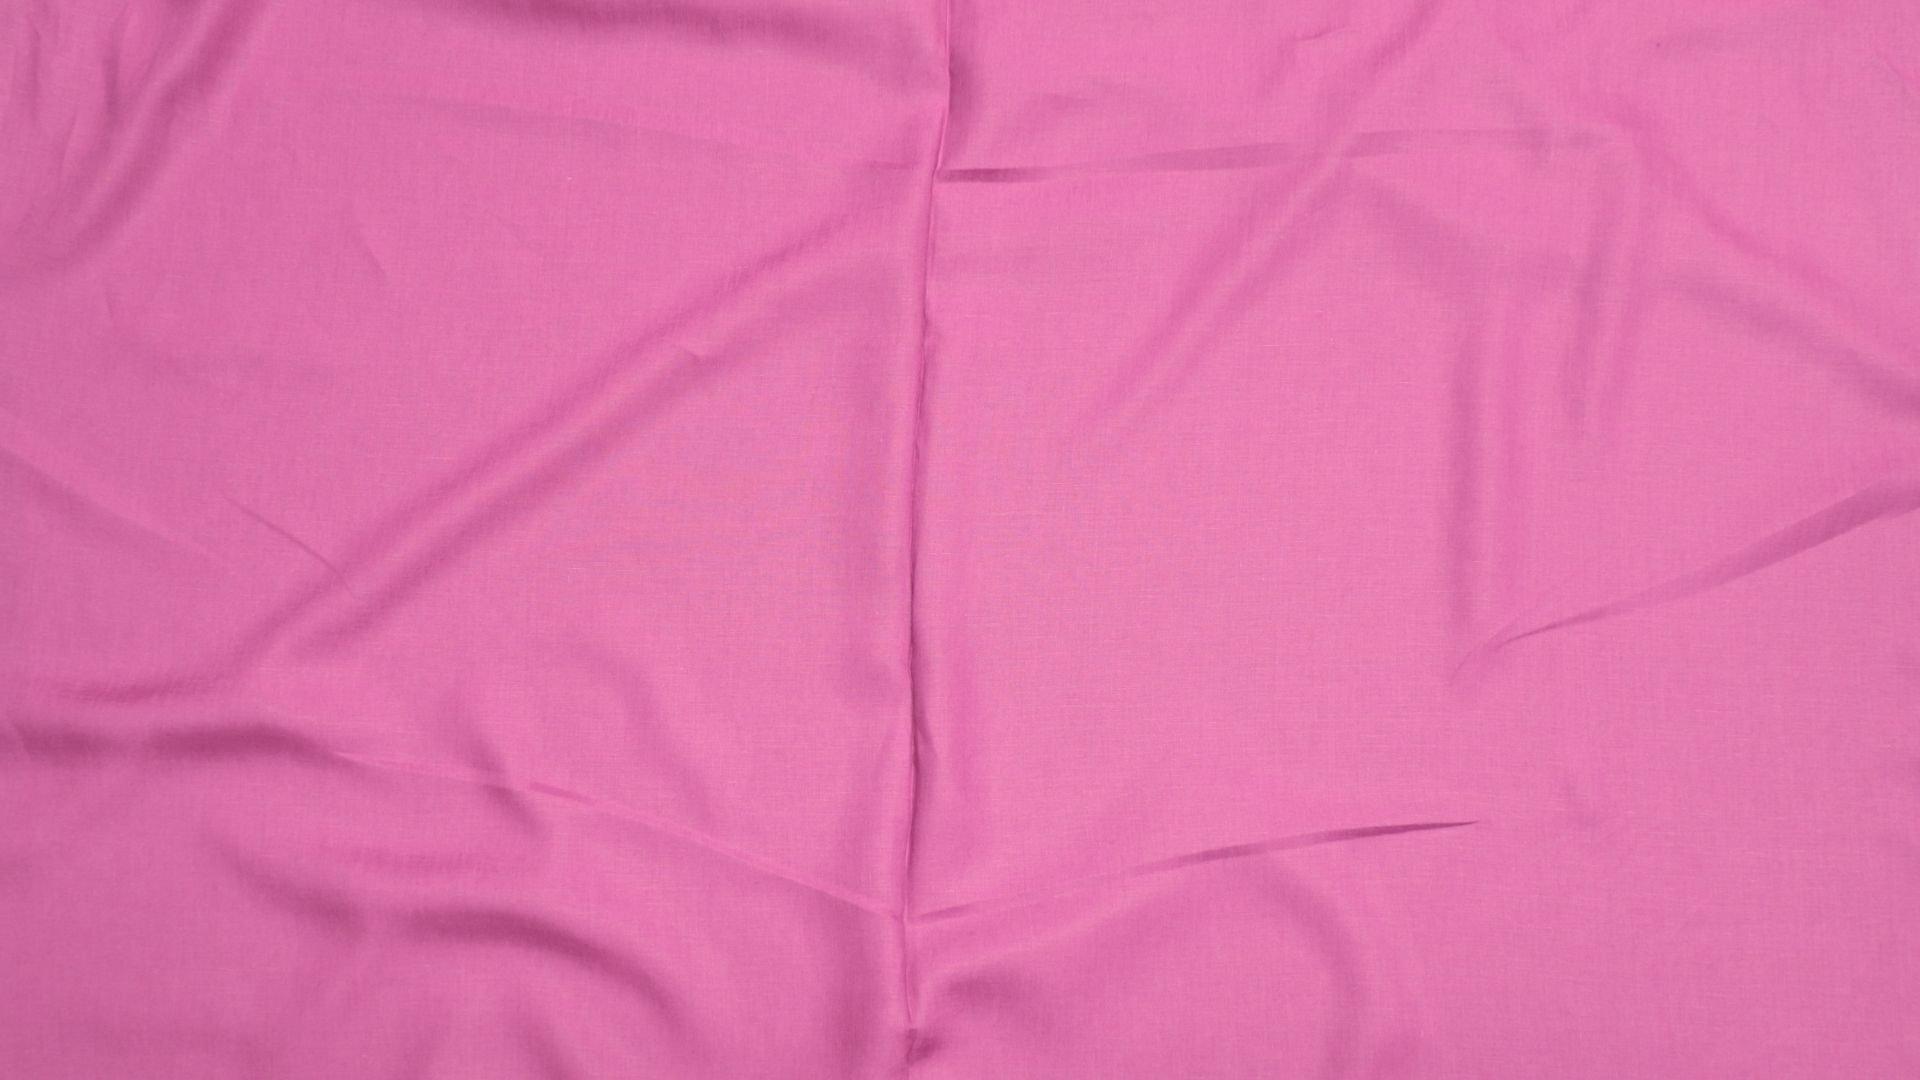 il particolare del tessuto quarantalino, appartenente alla categoria uniti lino cotone, di Leadford & Logan